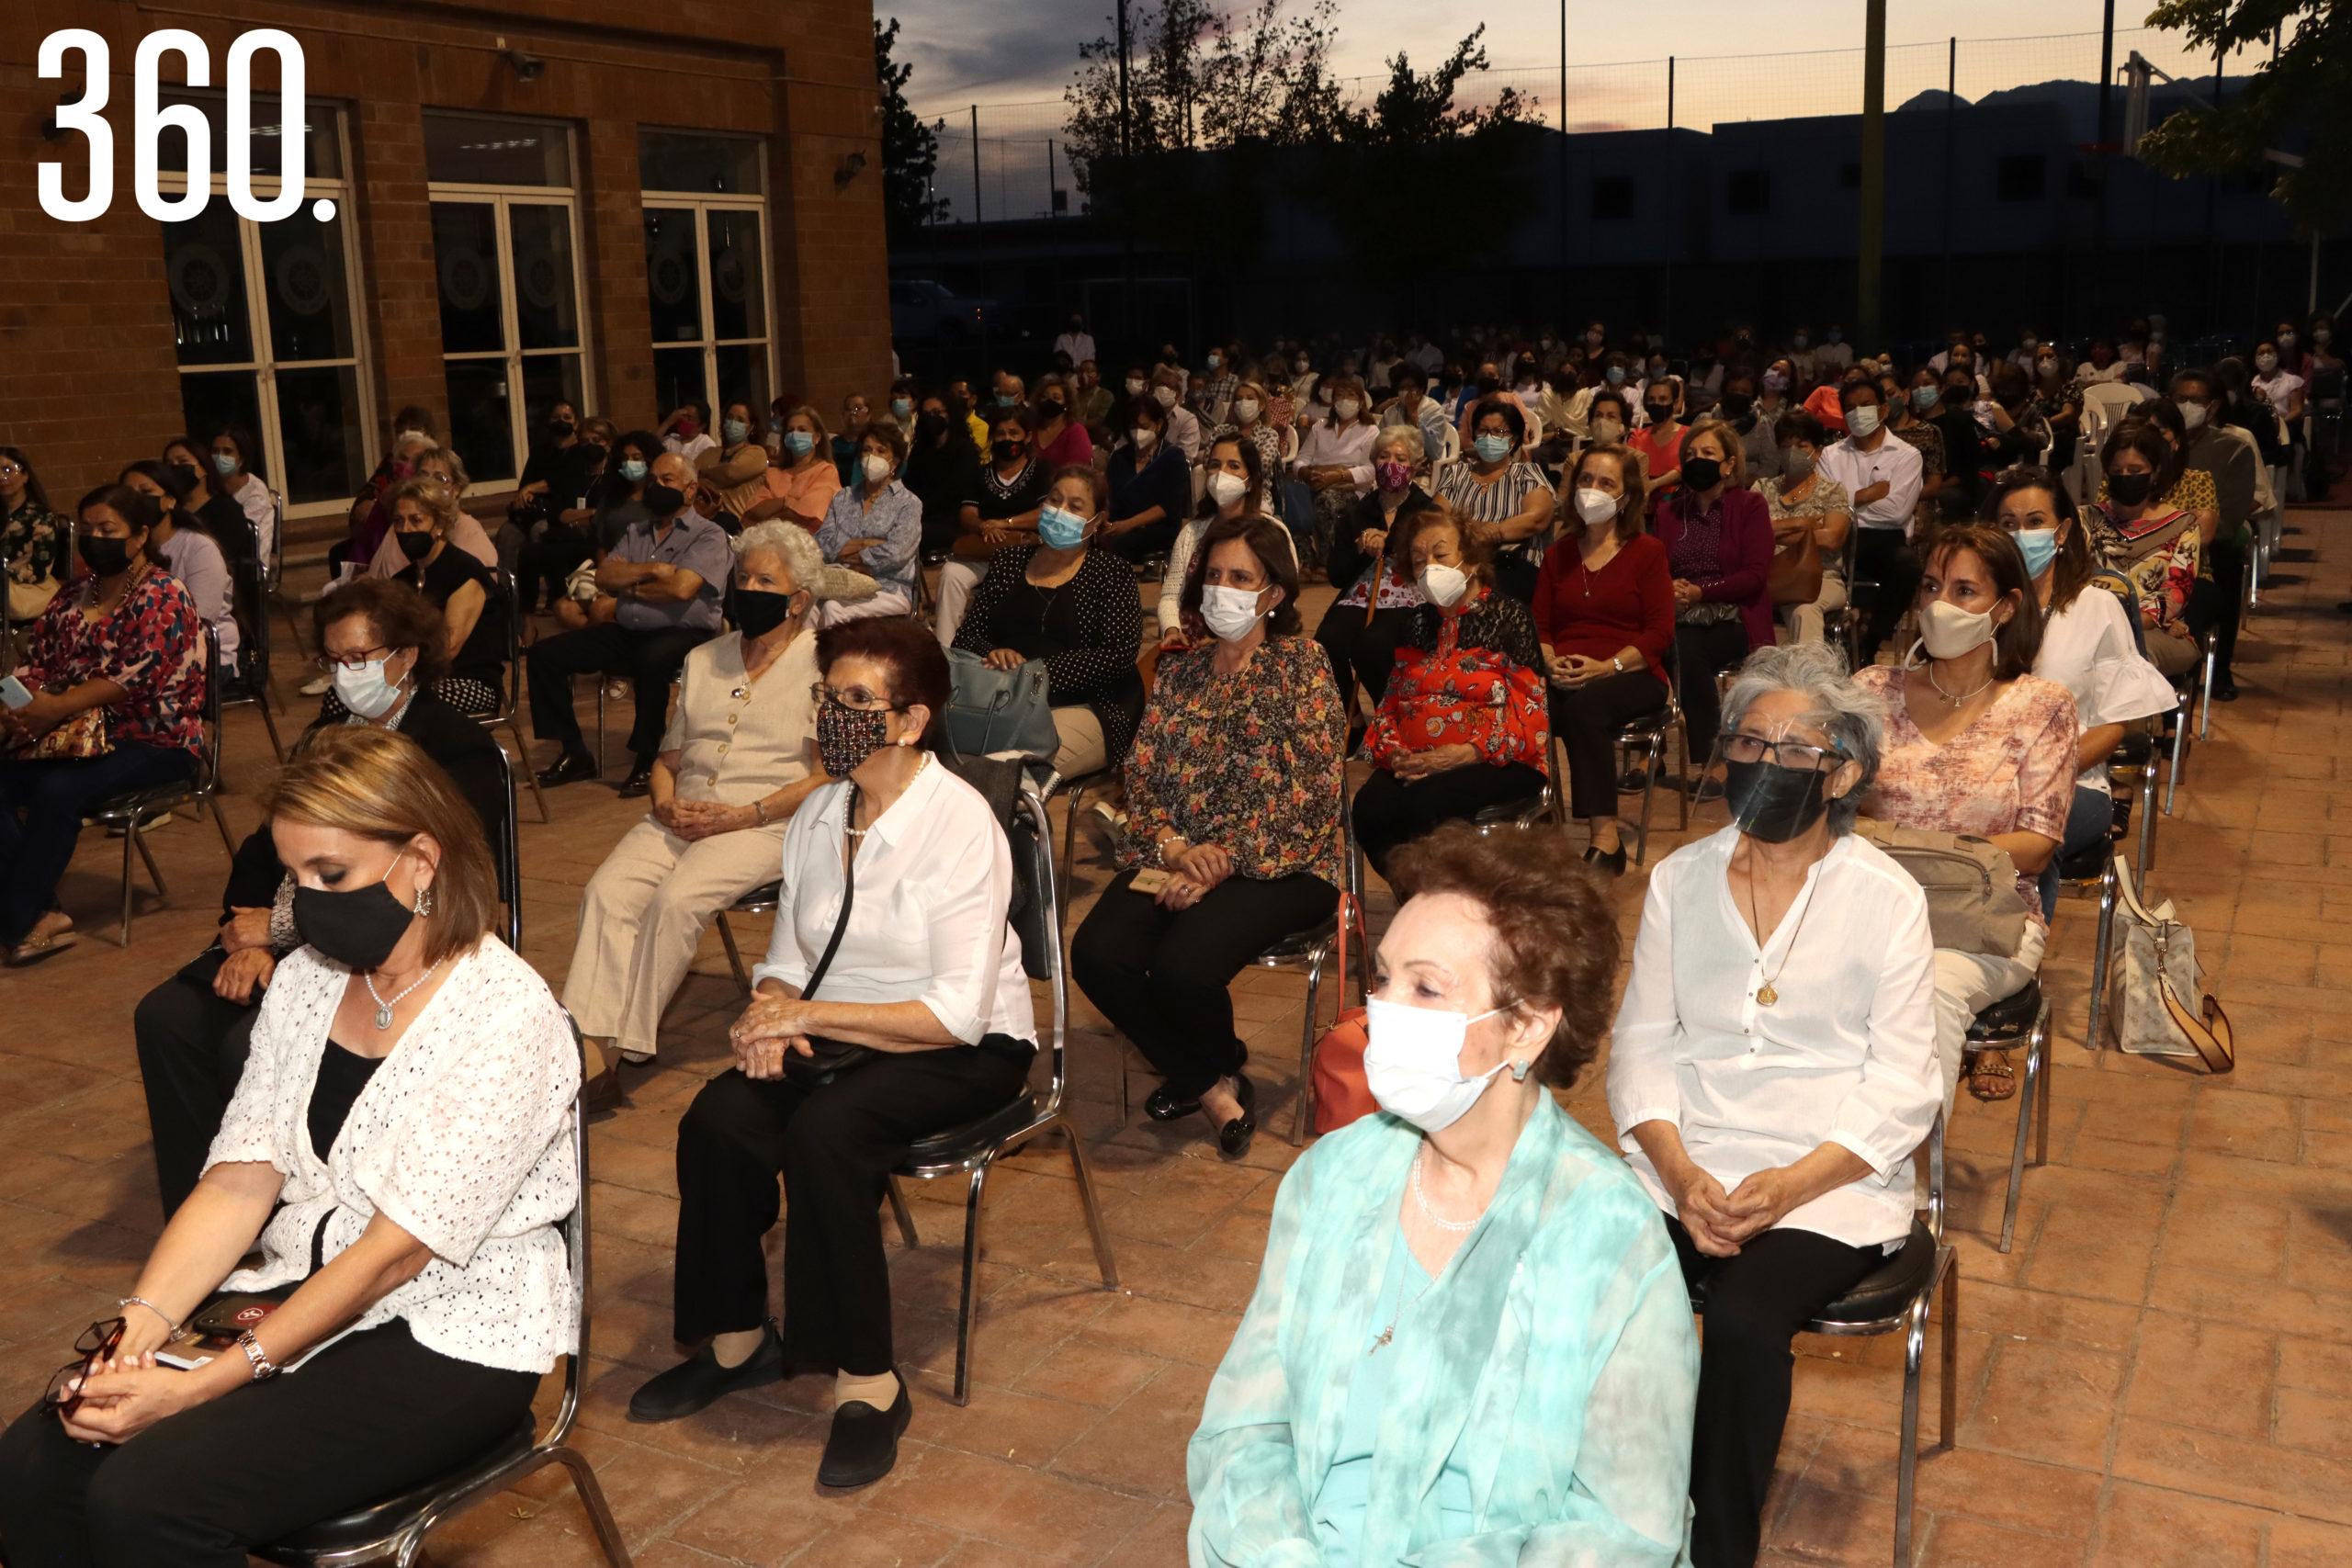 Las integrantes del Regnum Christi acudieron a la misa de despedida del padre Jorge Enrique Mujica L.C., quién estuvo a cargo de ellas por 6 años.